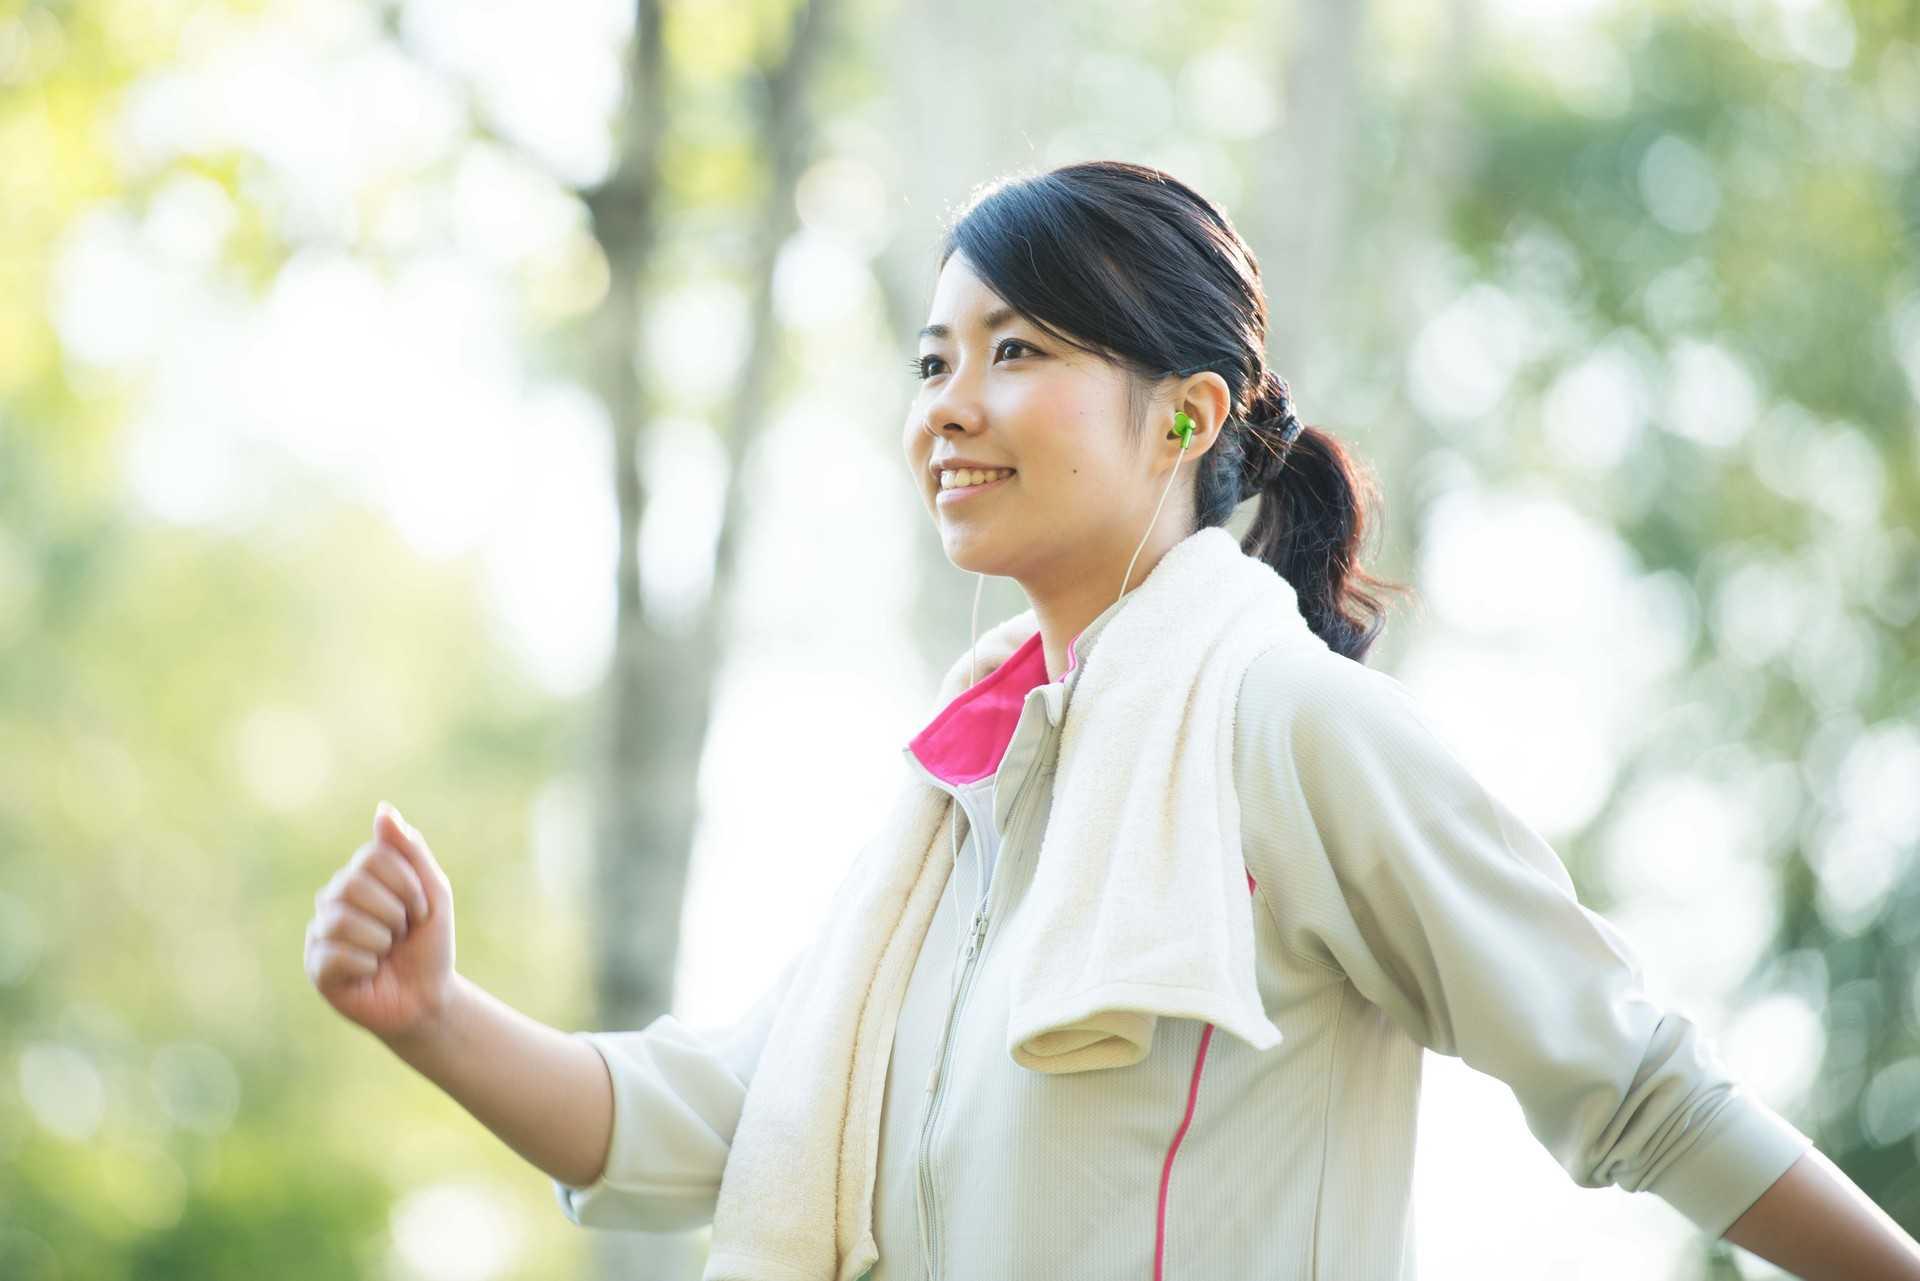 歩く気分が乗らないときは、ハイテンポの音楽を聴けばいい。 | ウォーキング・ダイエットのすすめ